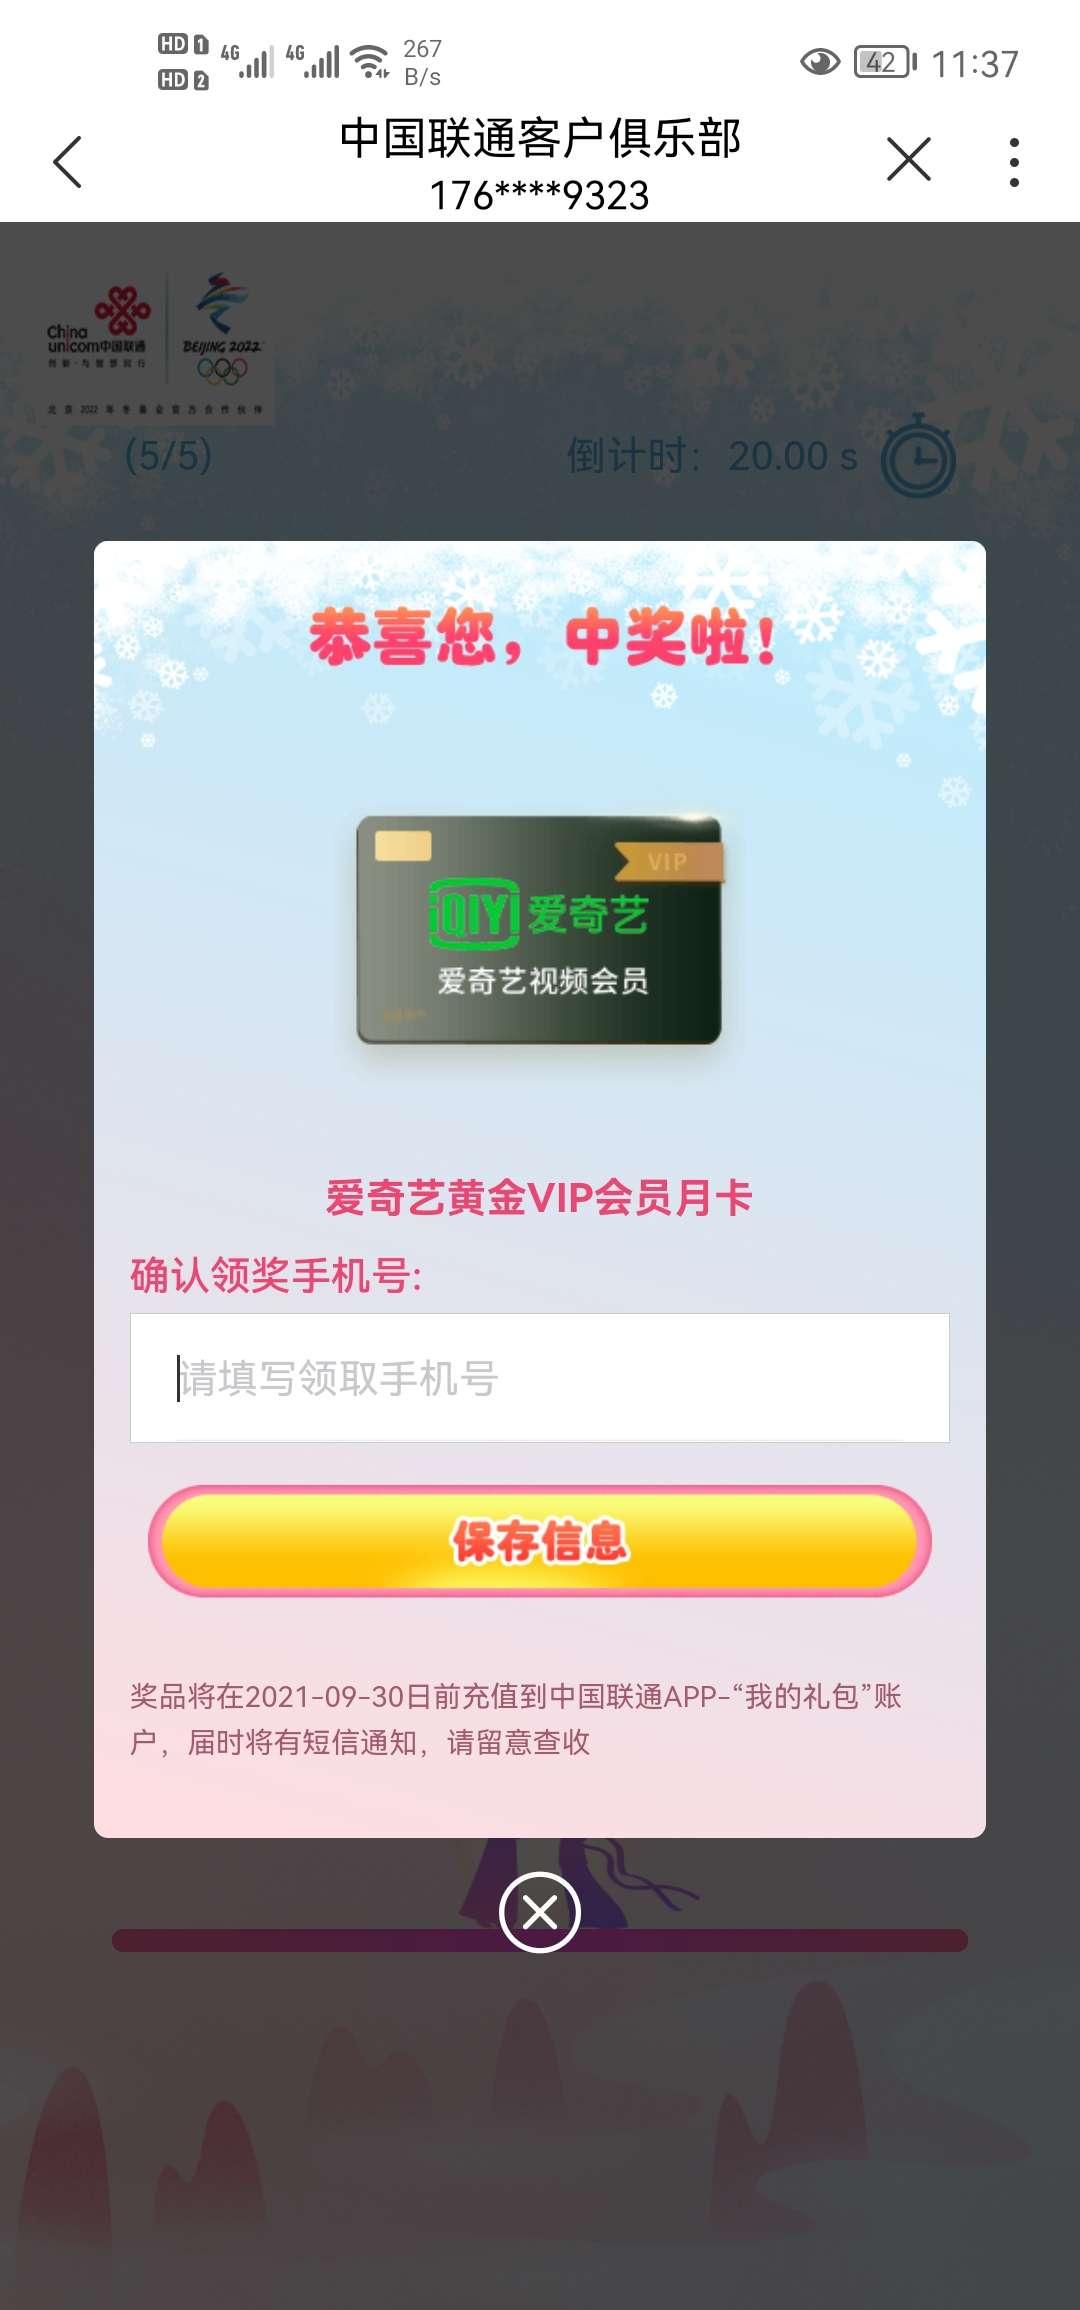 【虚拟物品】中国联通七夕礼抽视频会员插图1